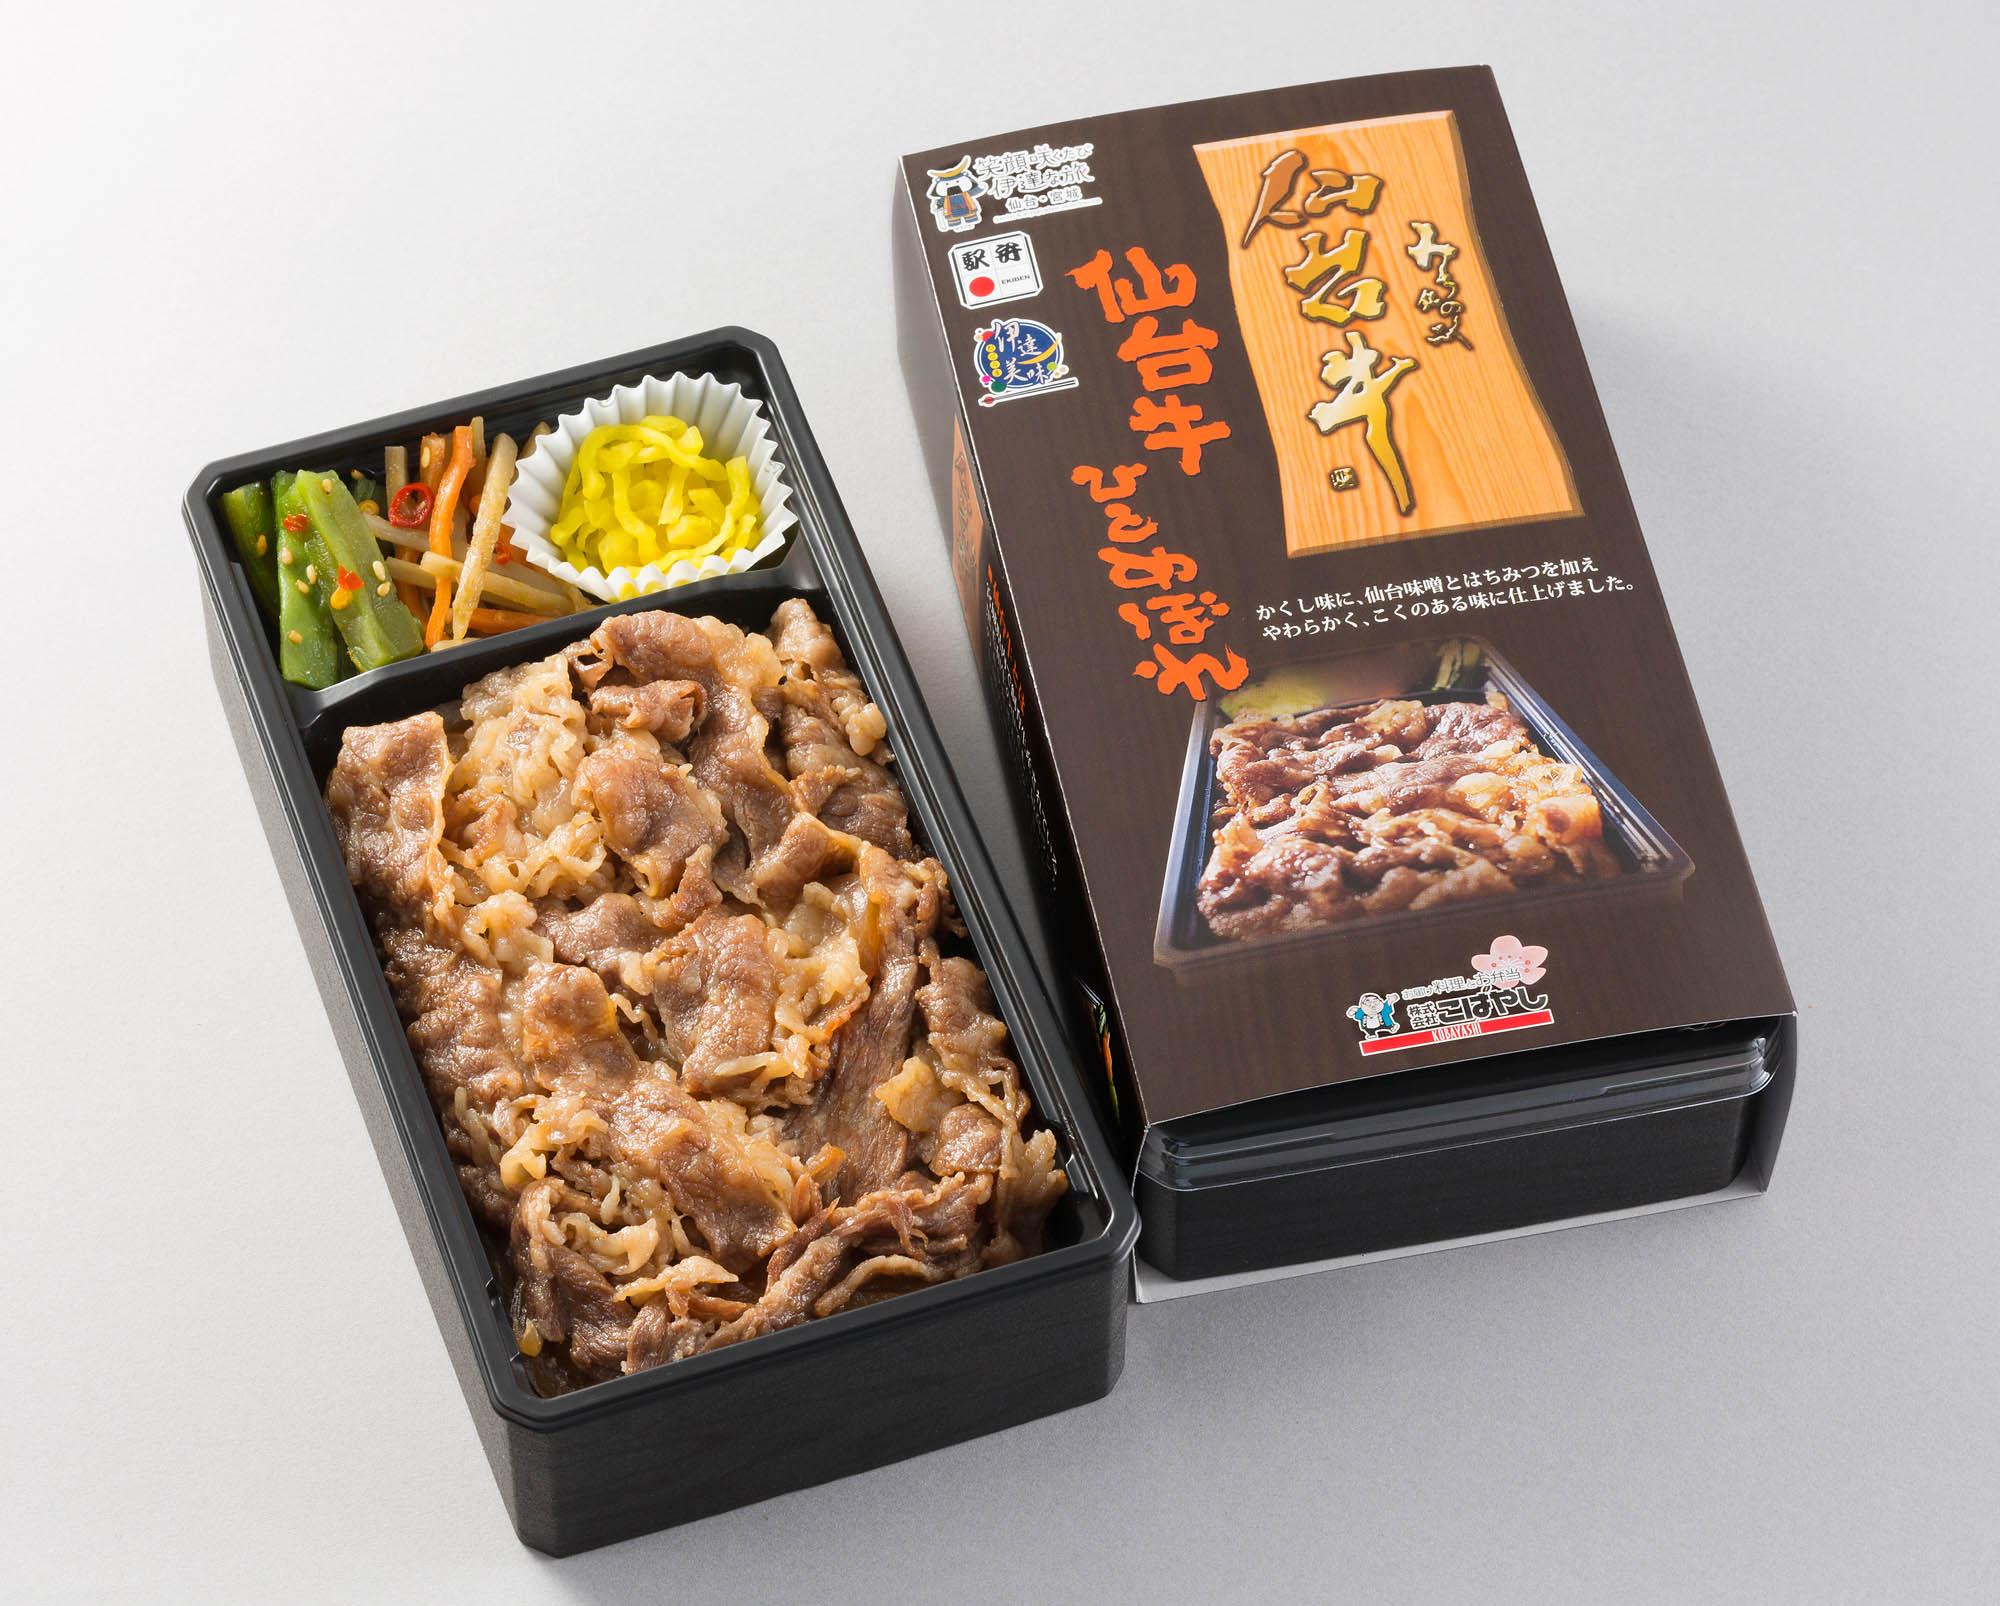 仙台牛ひとめぼれ 1,180(税込)